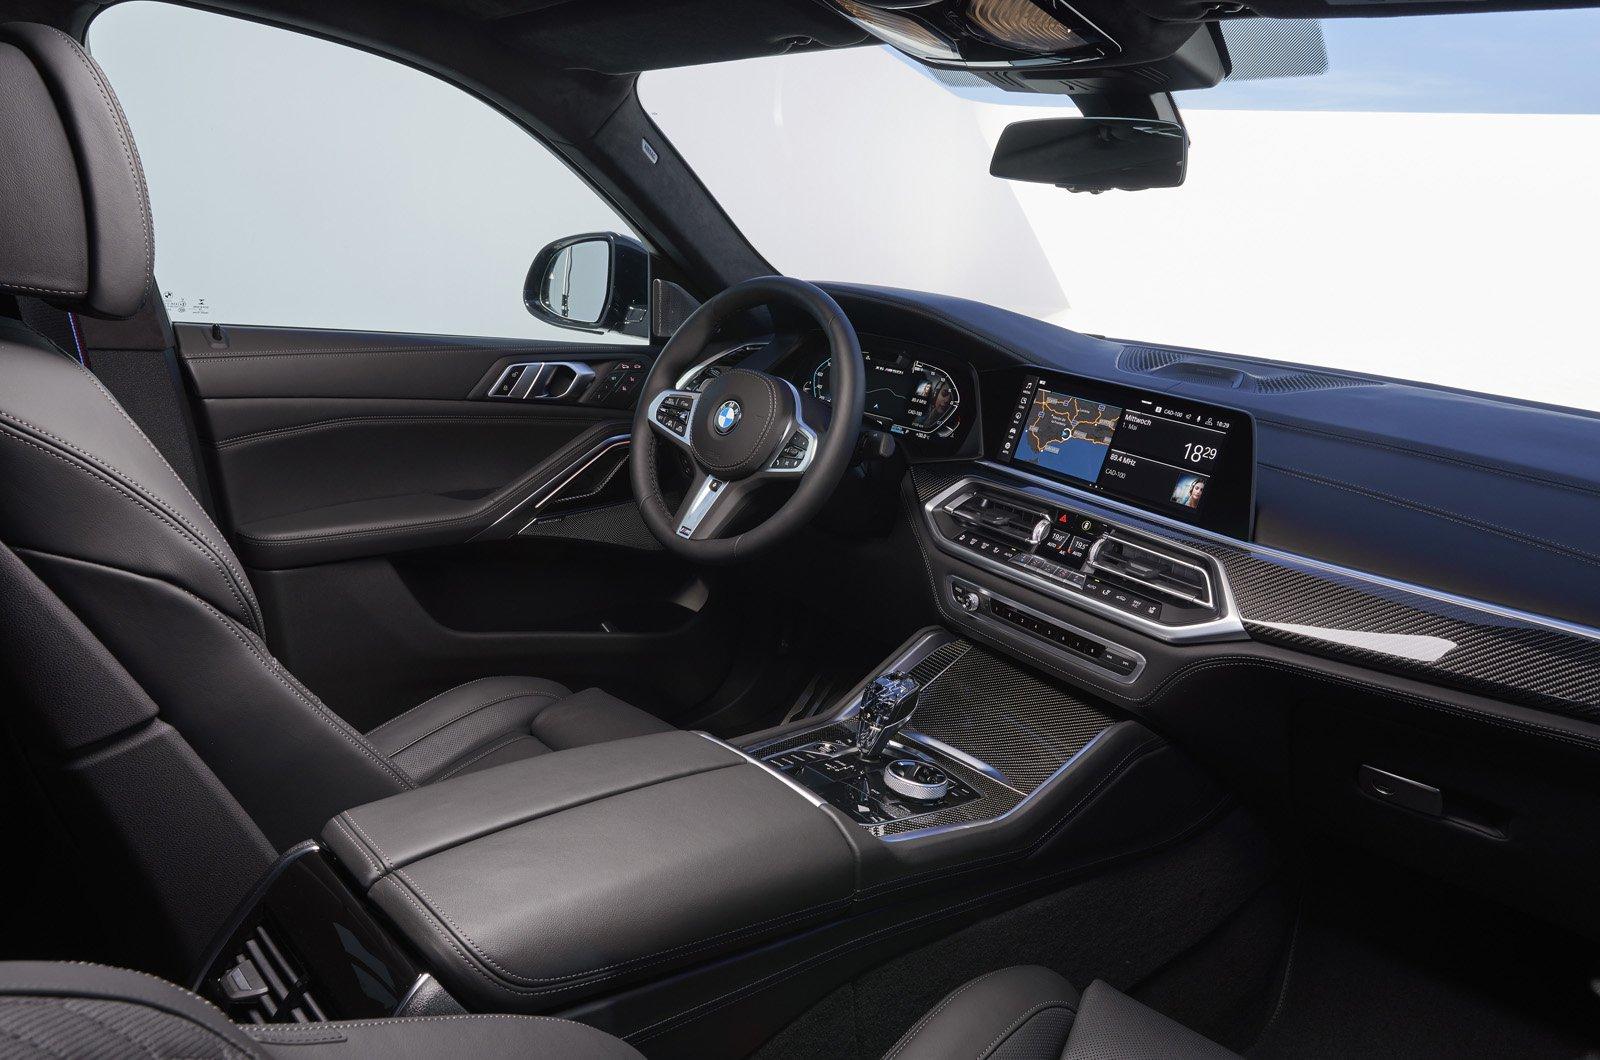 2020 BMW X6 dashboard